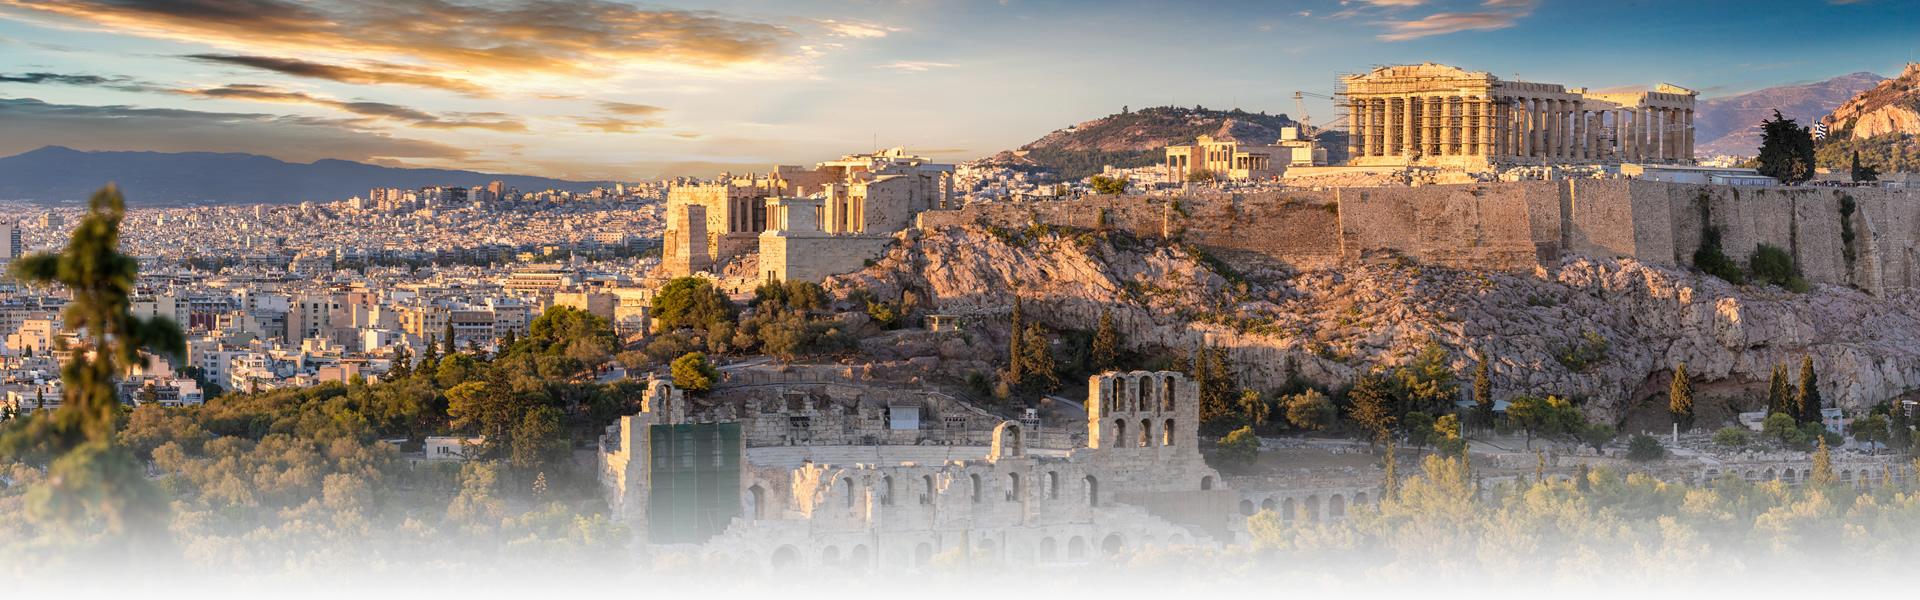 Acropolis Greece Maravillas del Mundo en 2019